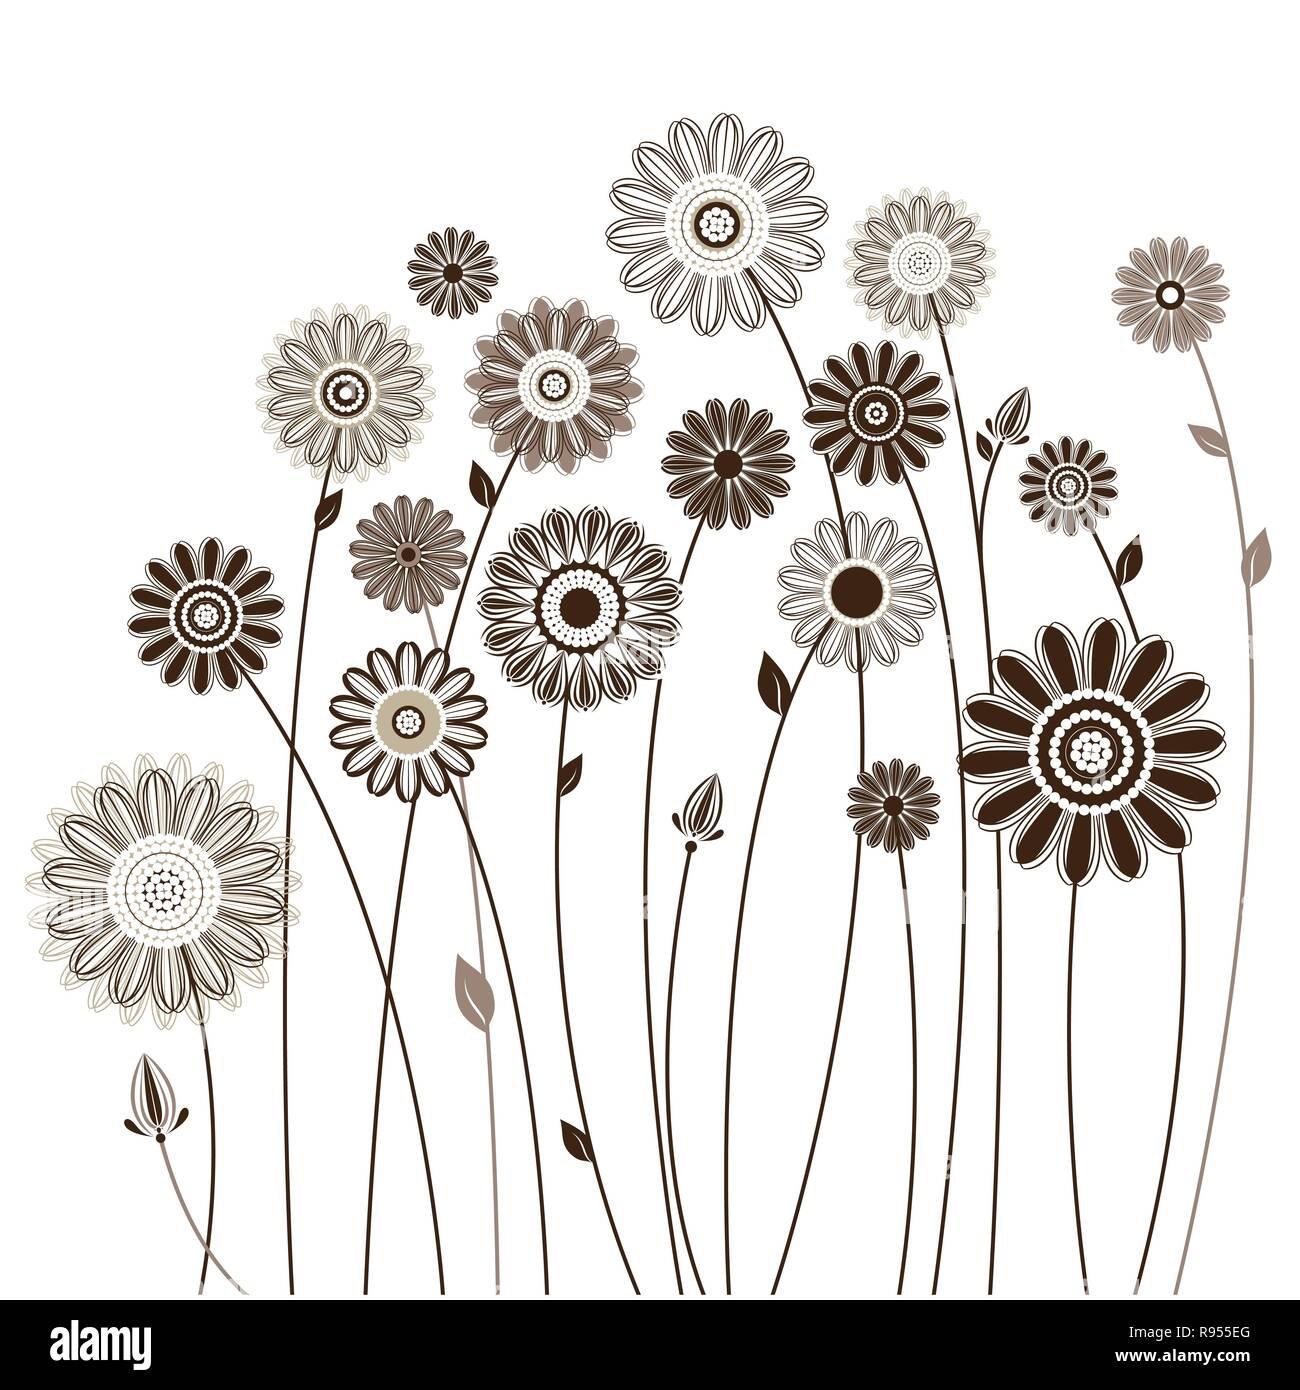 Mazzo Di Fiori Stilizzato.Scheda Floreali Bouquet Di Fiori Stilizzati Illustrazione